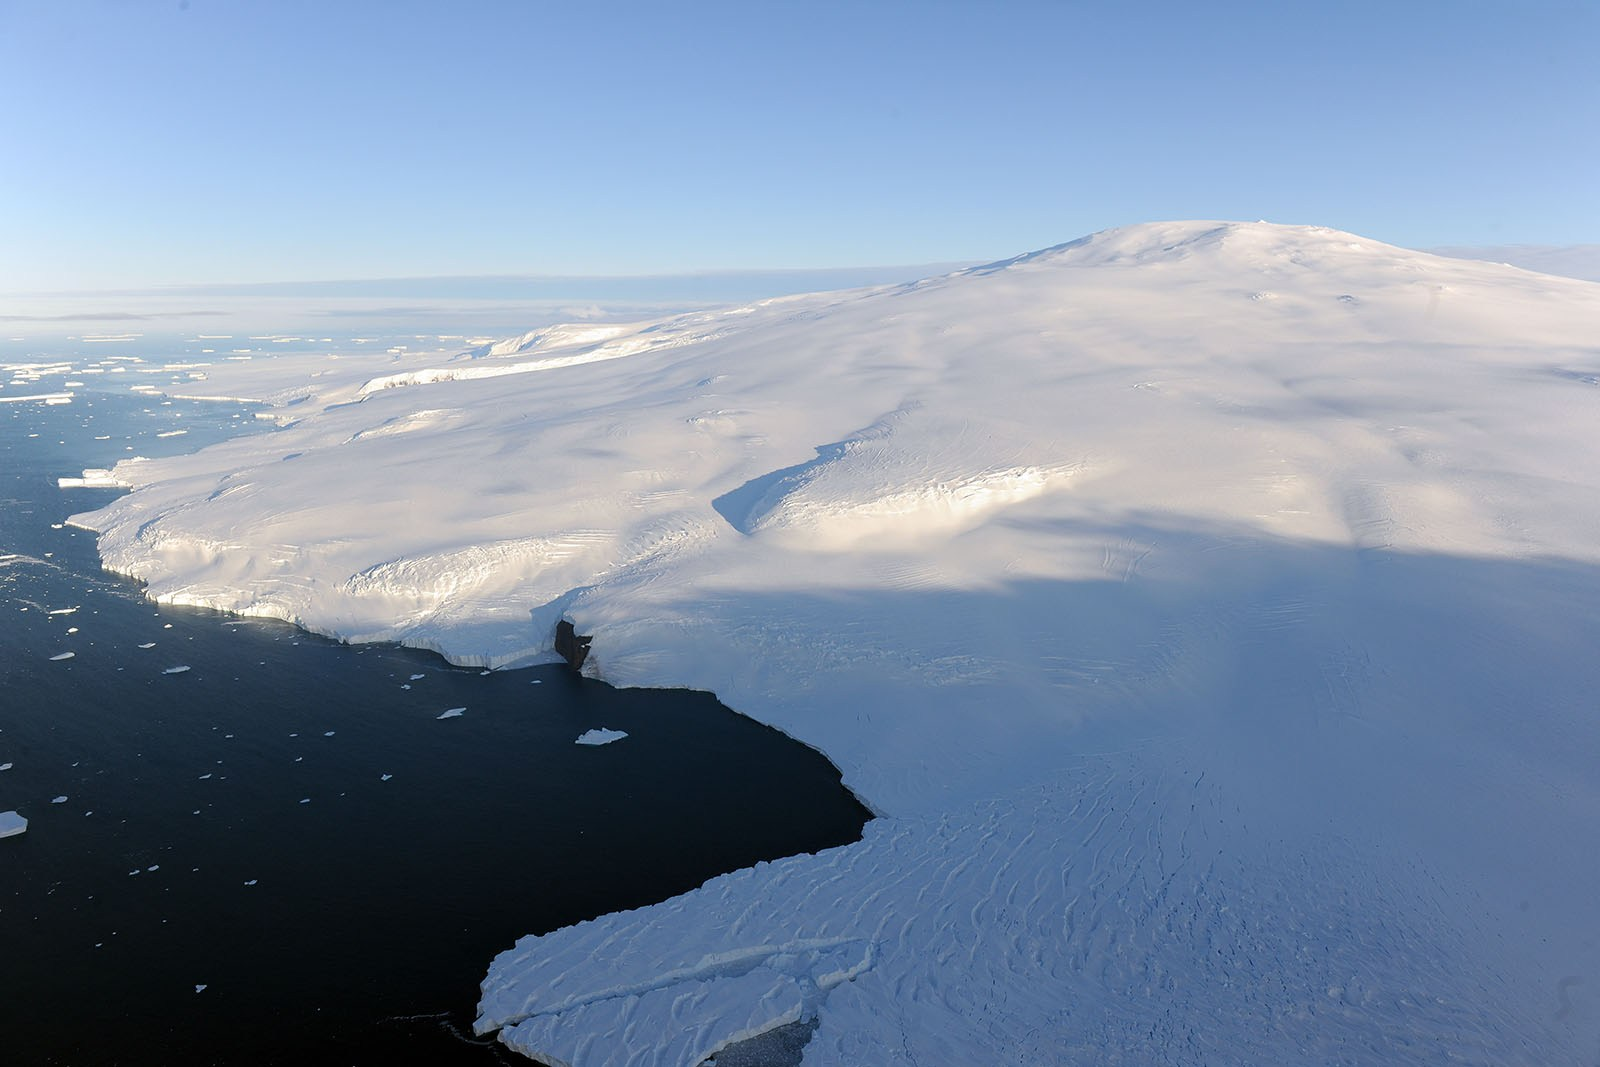 Mount-siple-volcano-aerial.jpg